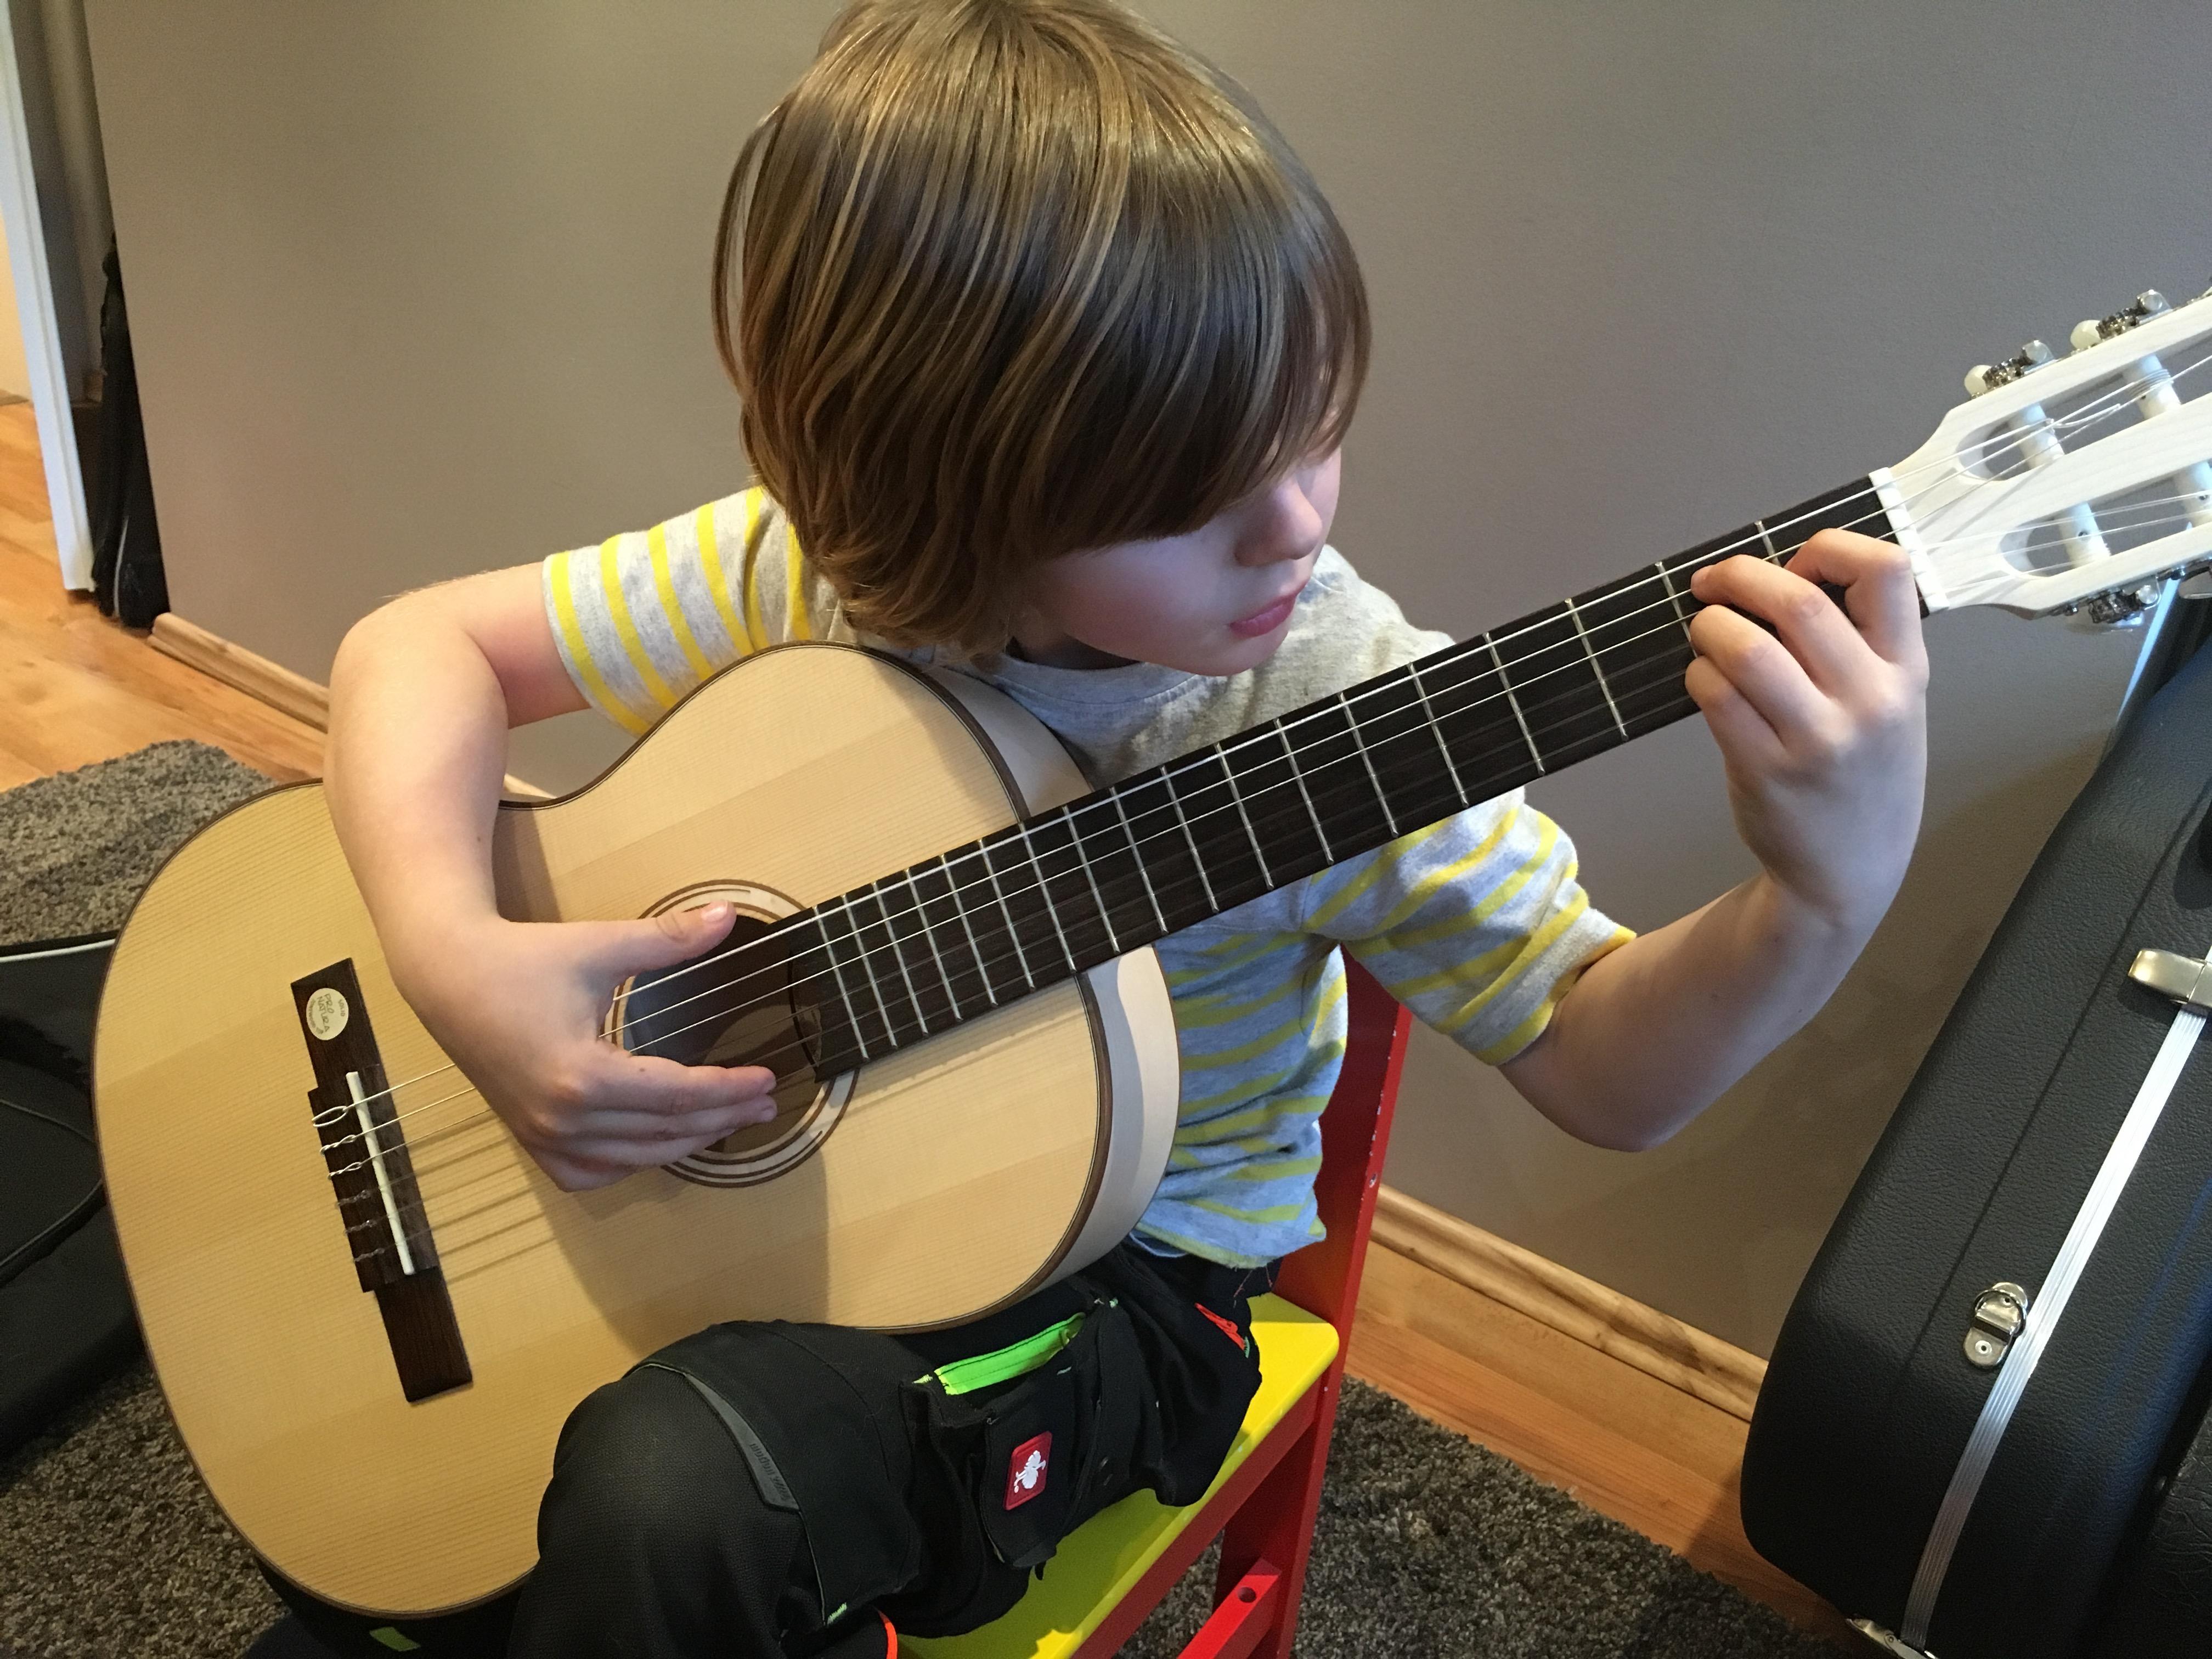 """Mein Schüler, 6 Jahre: """"Heute will ich mal einen schwierigen Akkord lernen!"""""""